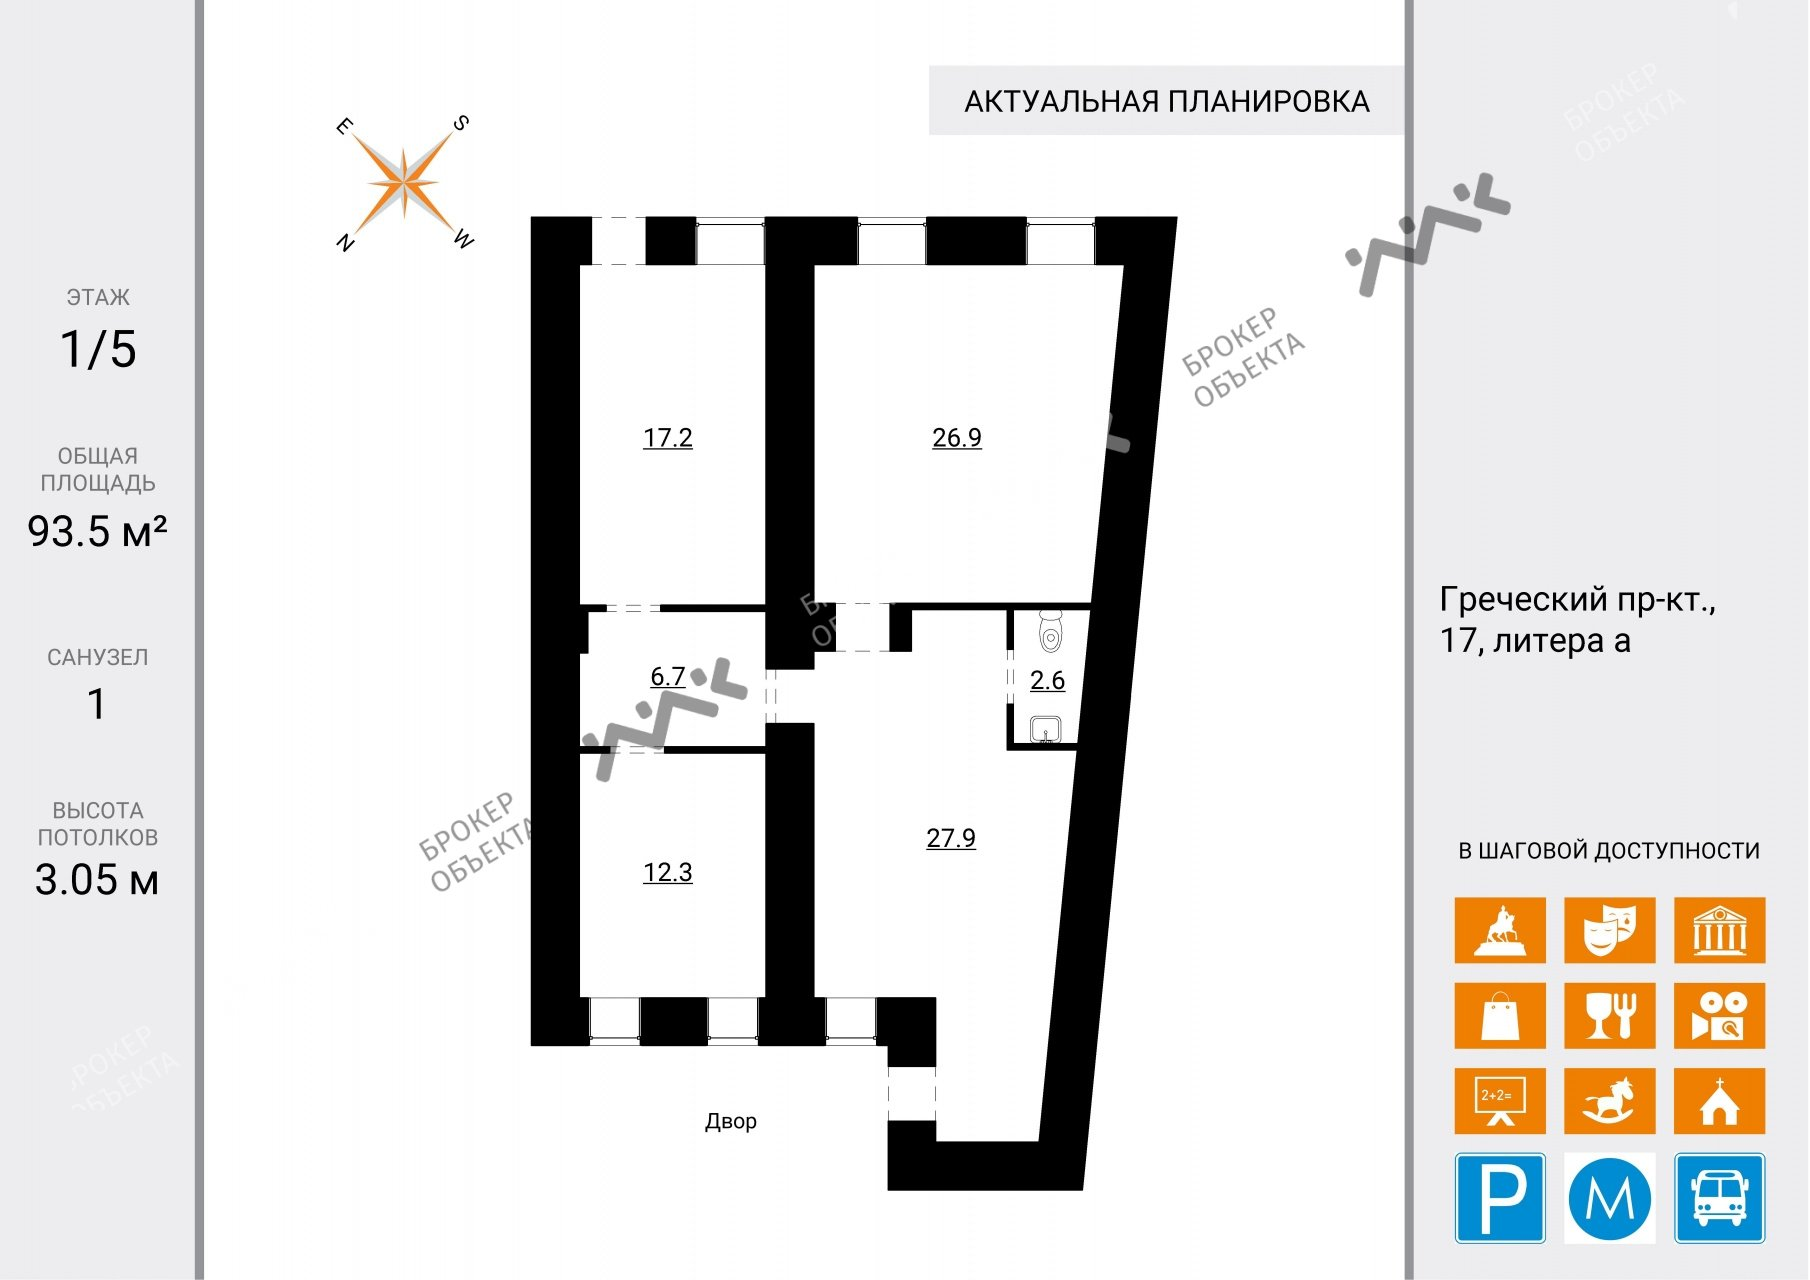 Планировка Греческий проспект, д.17, лит.А. Лот № 2023757